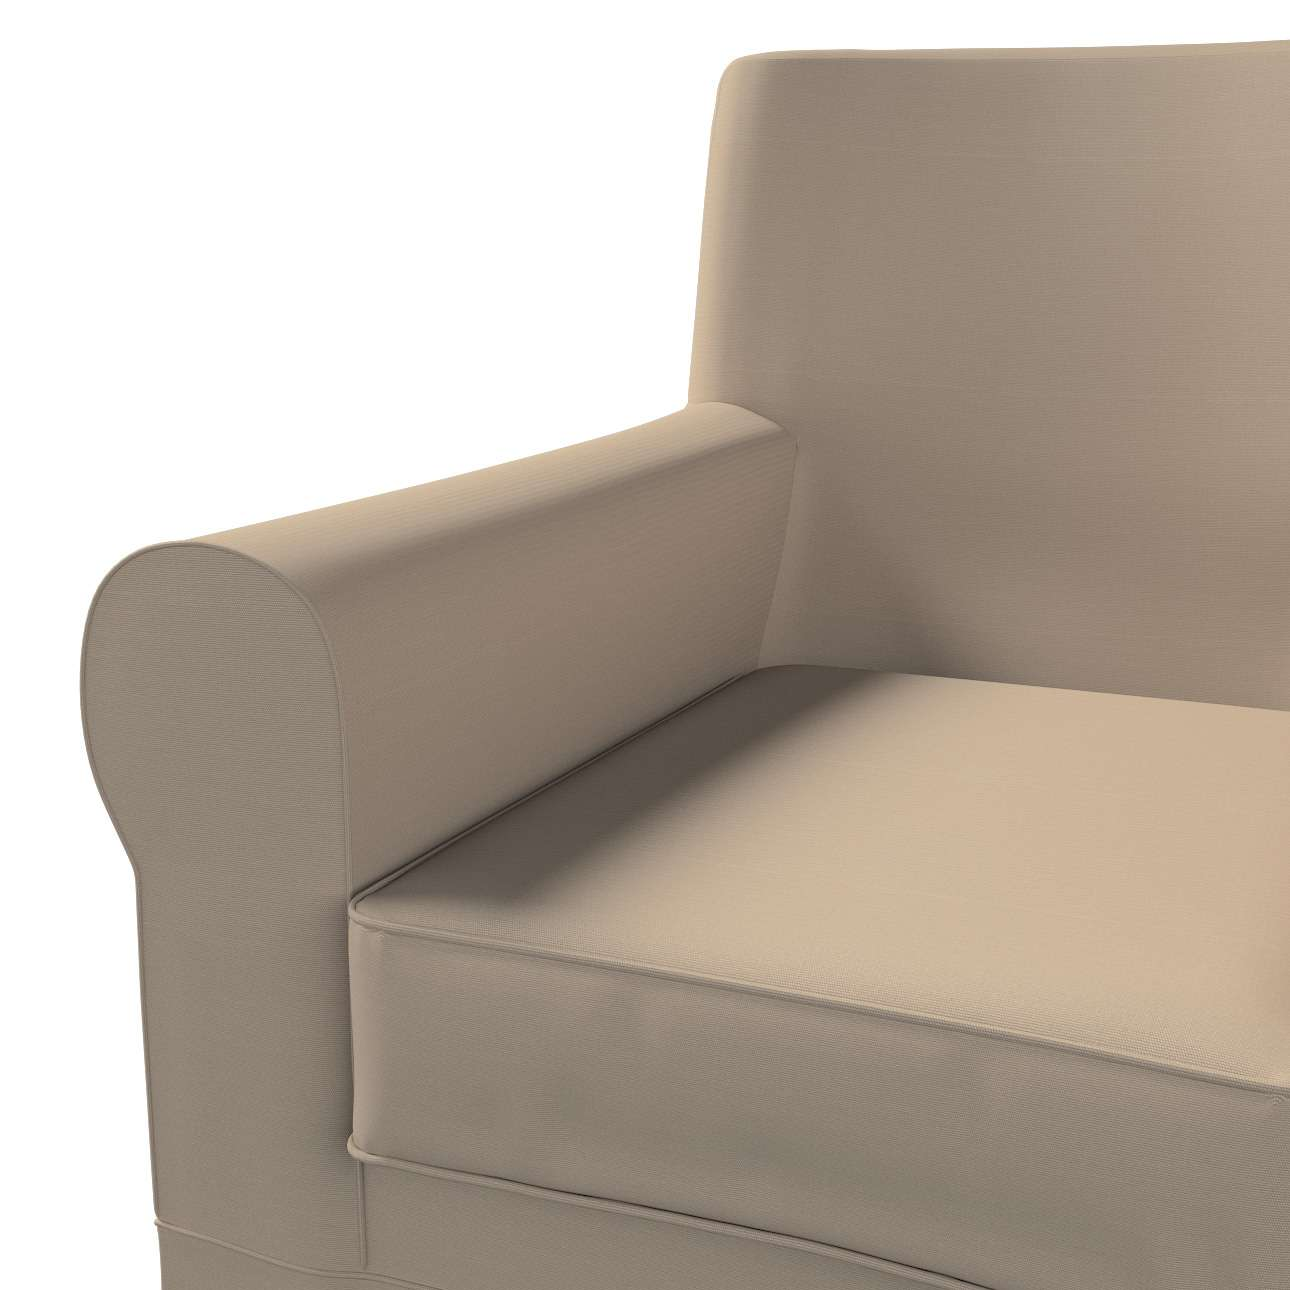 Pokrowiec na fotel Ektorp Jennylund w kolekcji Cotton Panama, tkanina: 702-28